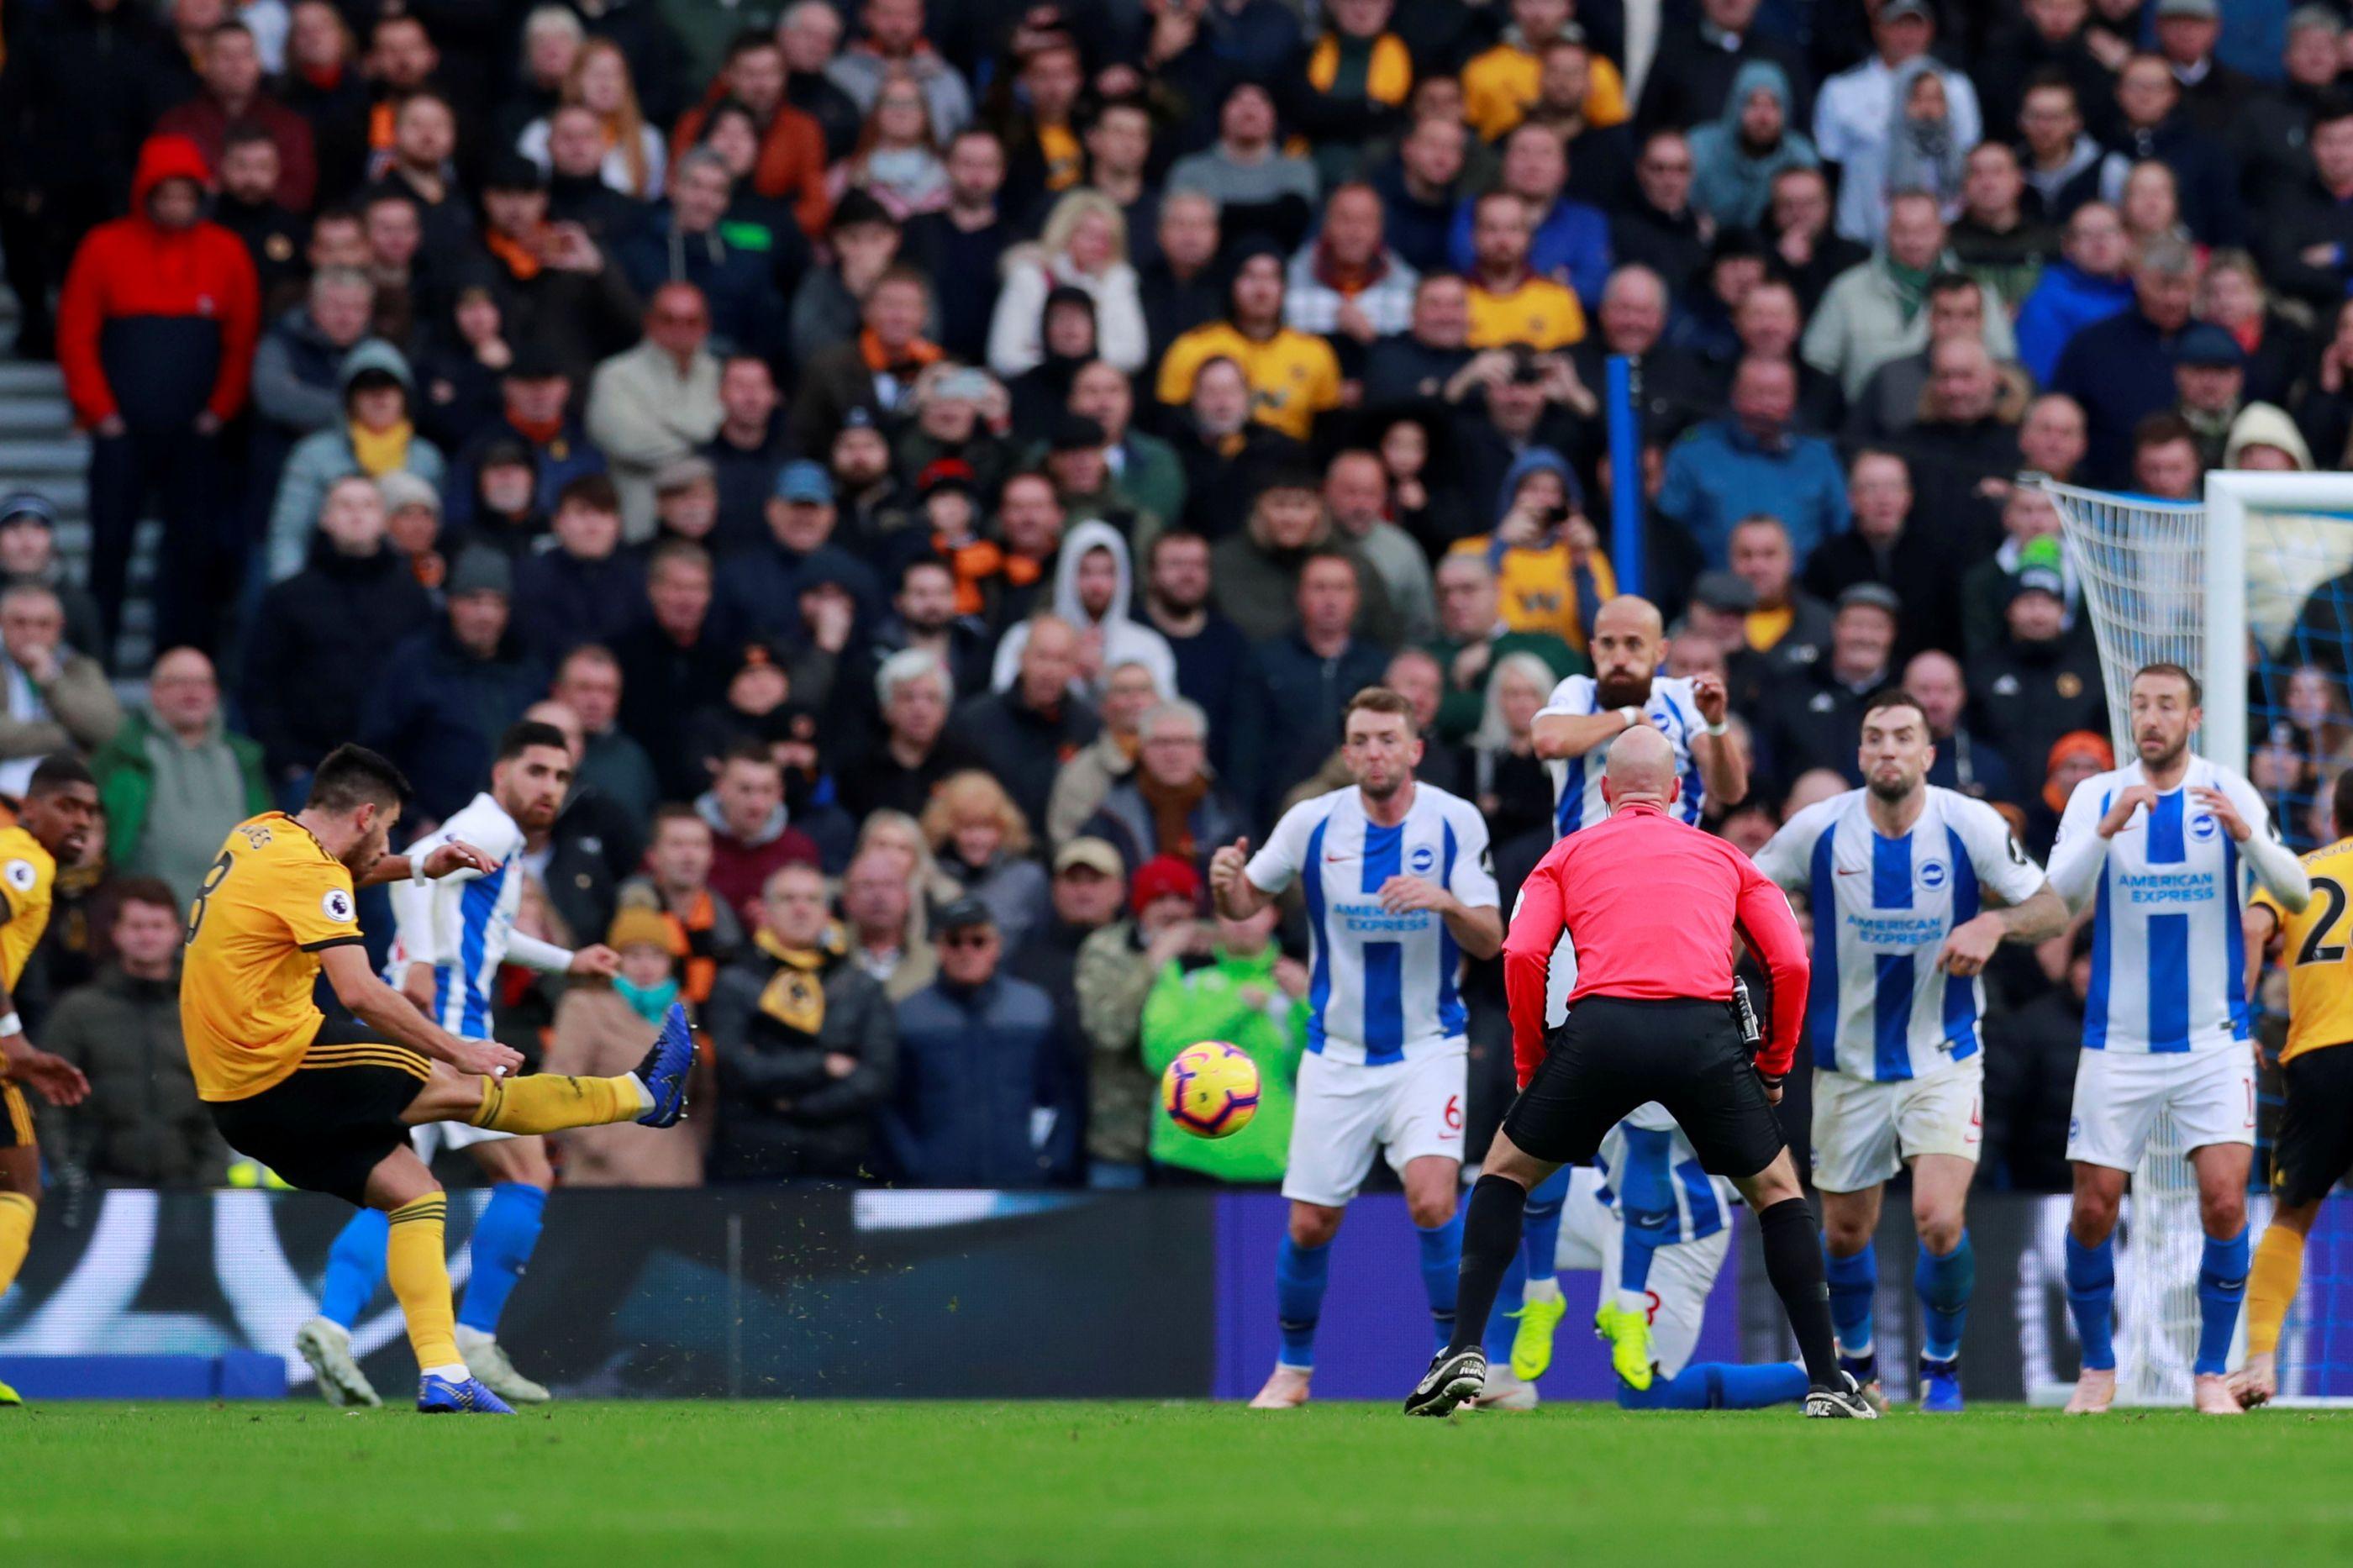 Tragédia: Adepto morre no decorrer do jogo Brighton-Wolves